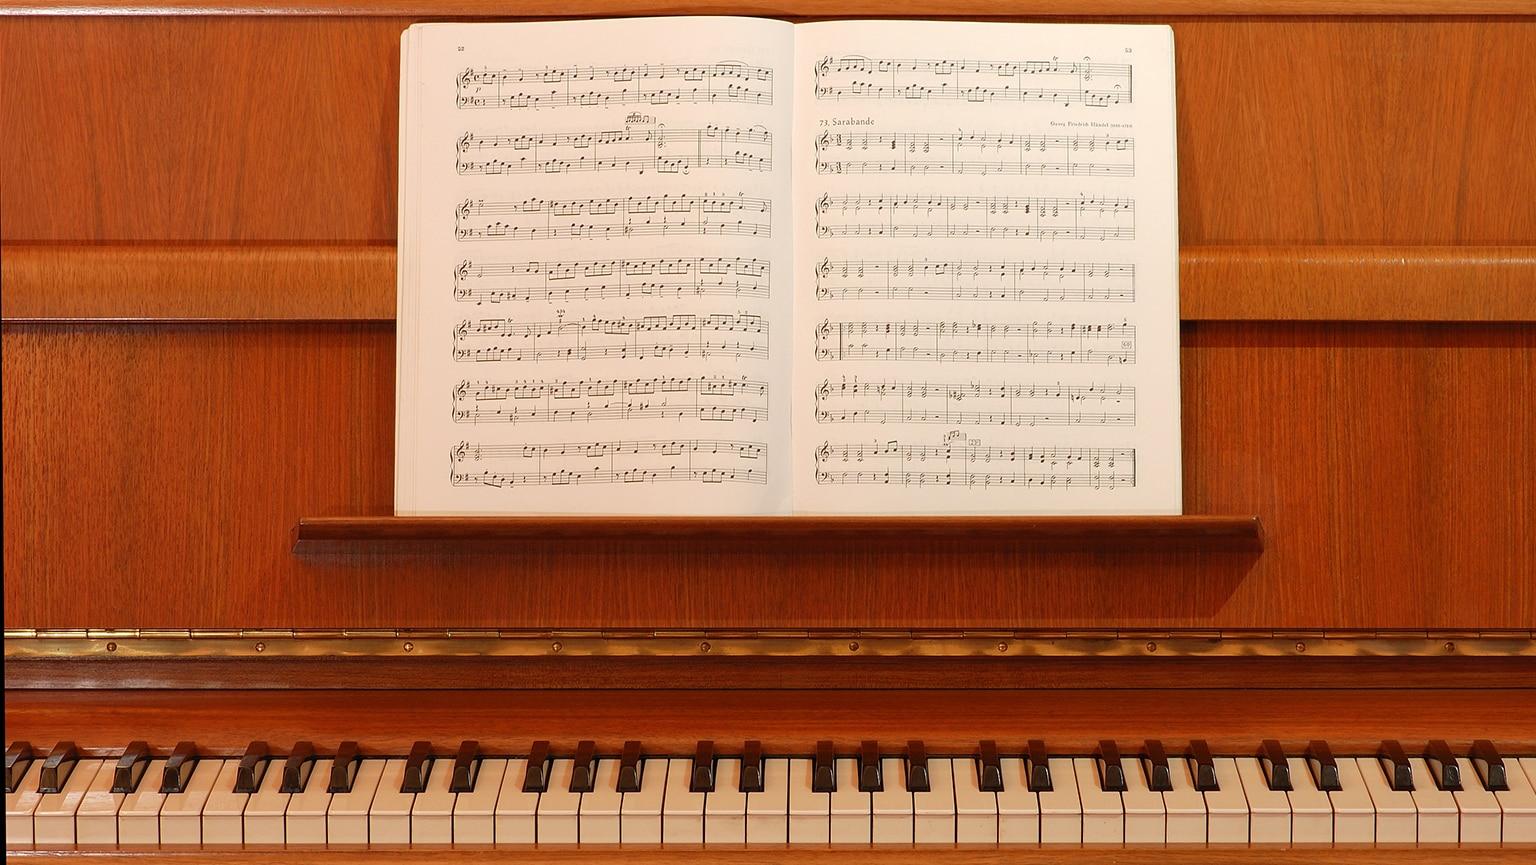 Beethoven—Diabelli Variations, Op. 120